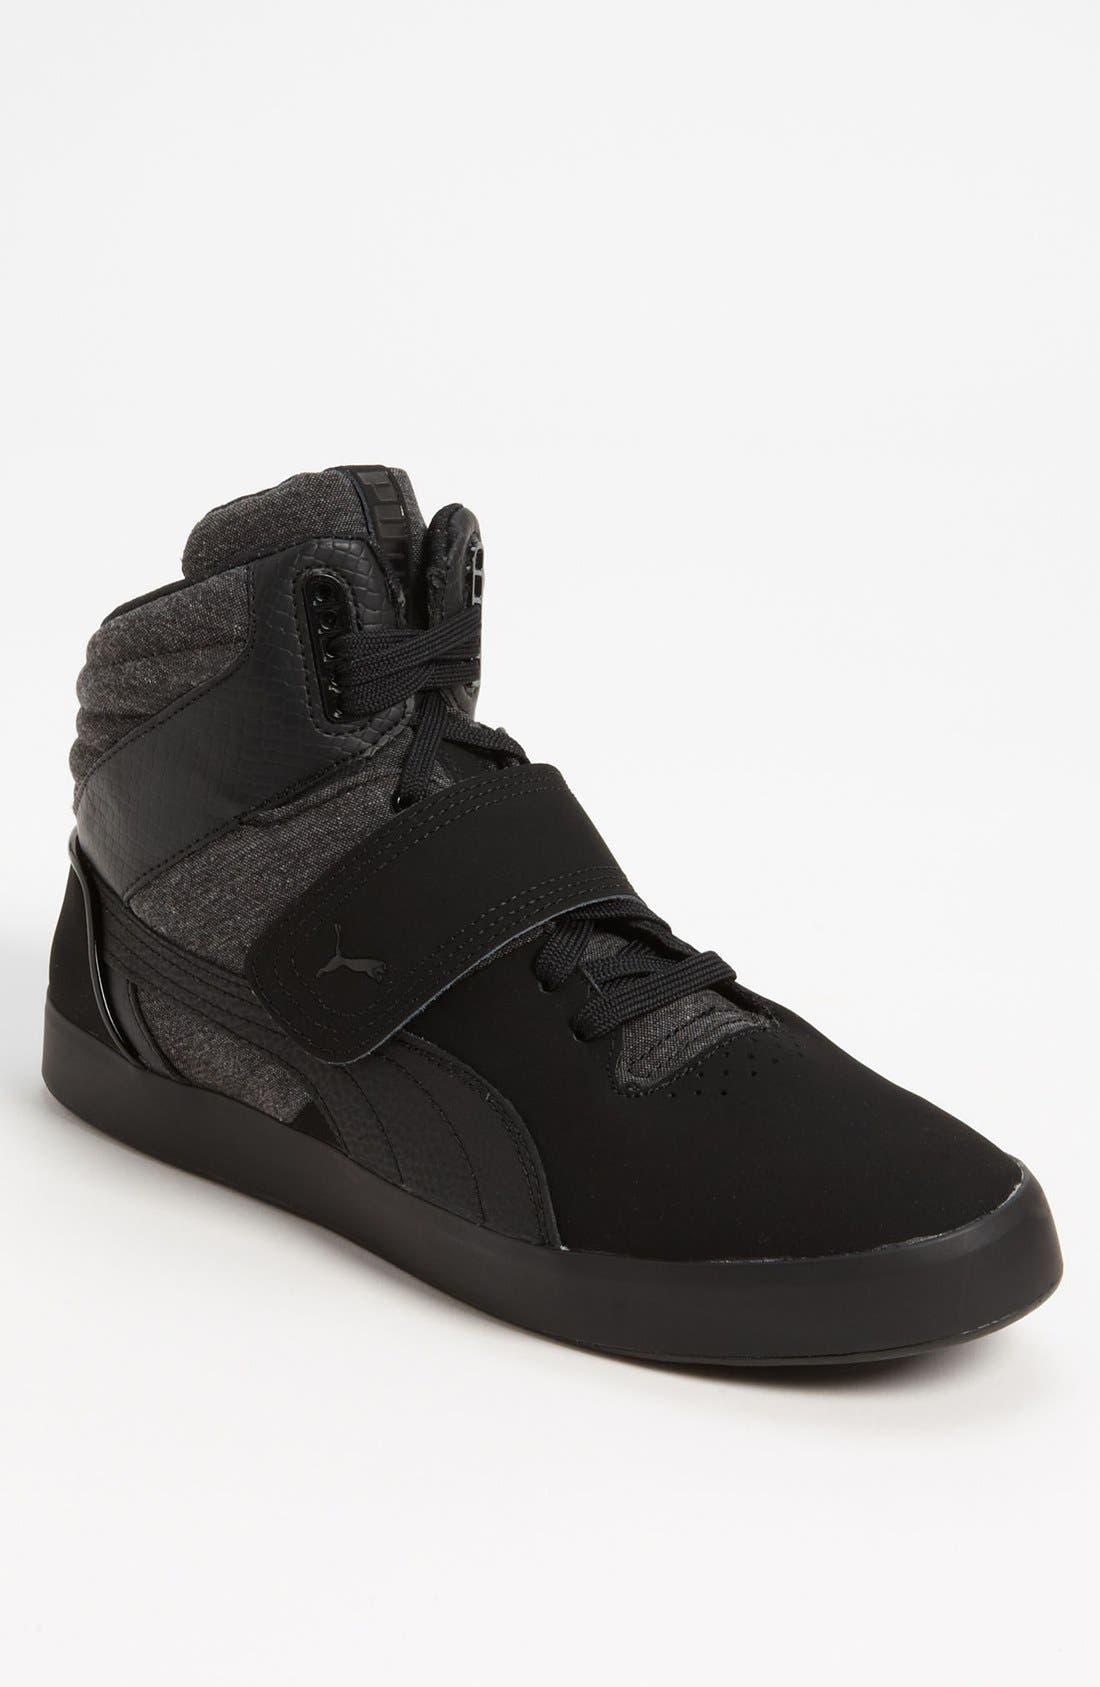 Alternate Image 1 Selected - PUMA 'Suburb Hi' Sneaker (Men)